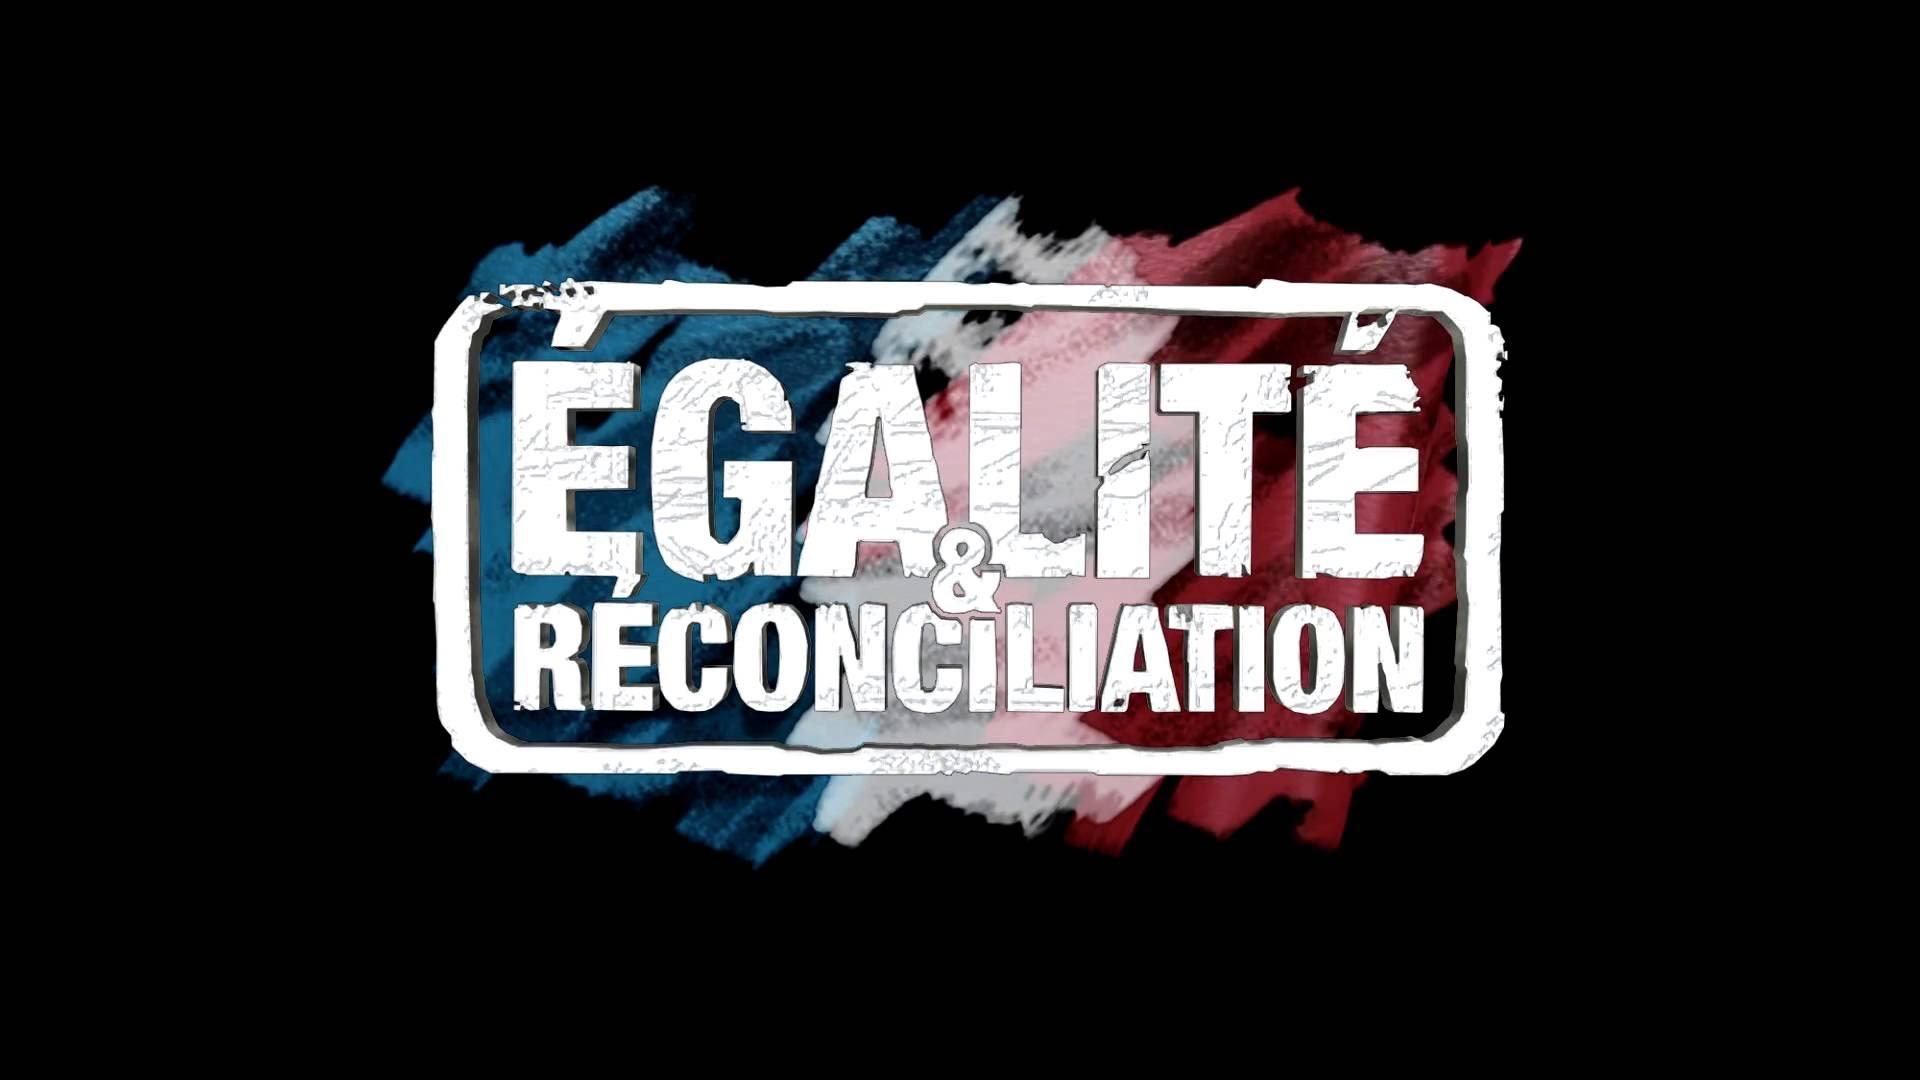 egalite_reconciliation.jpg